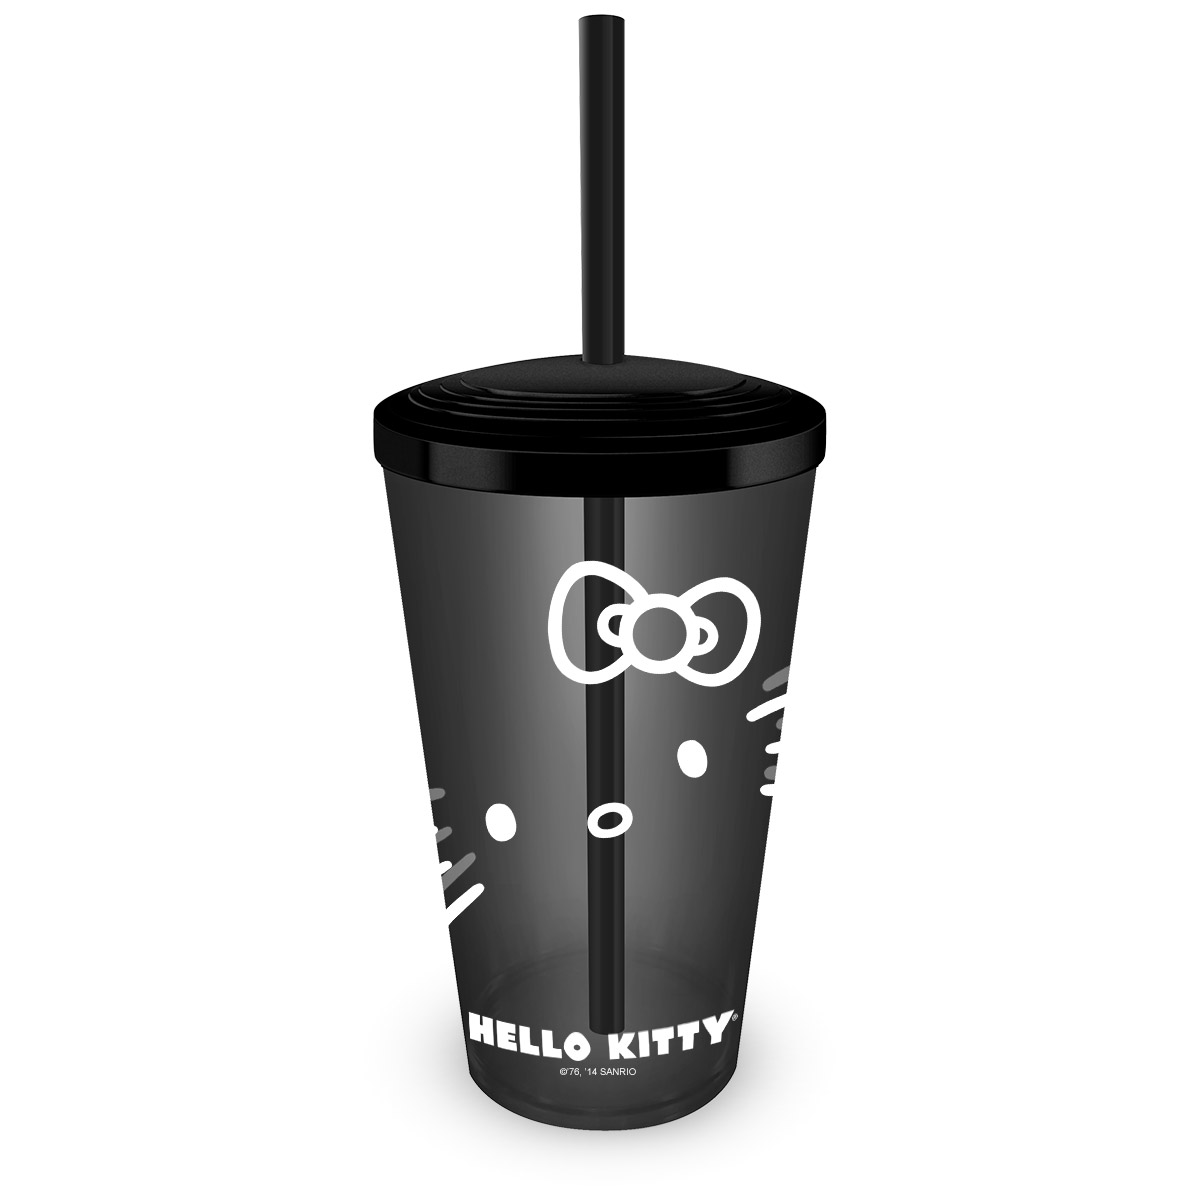 Copo Acrílico Hello Kitty Black